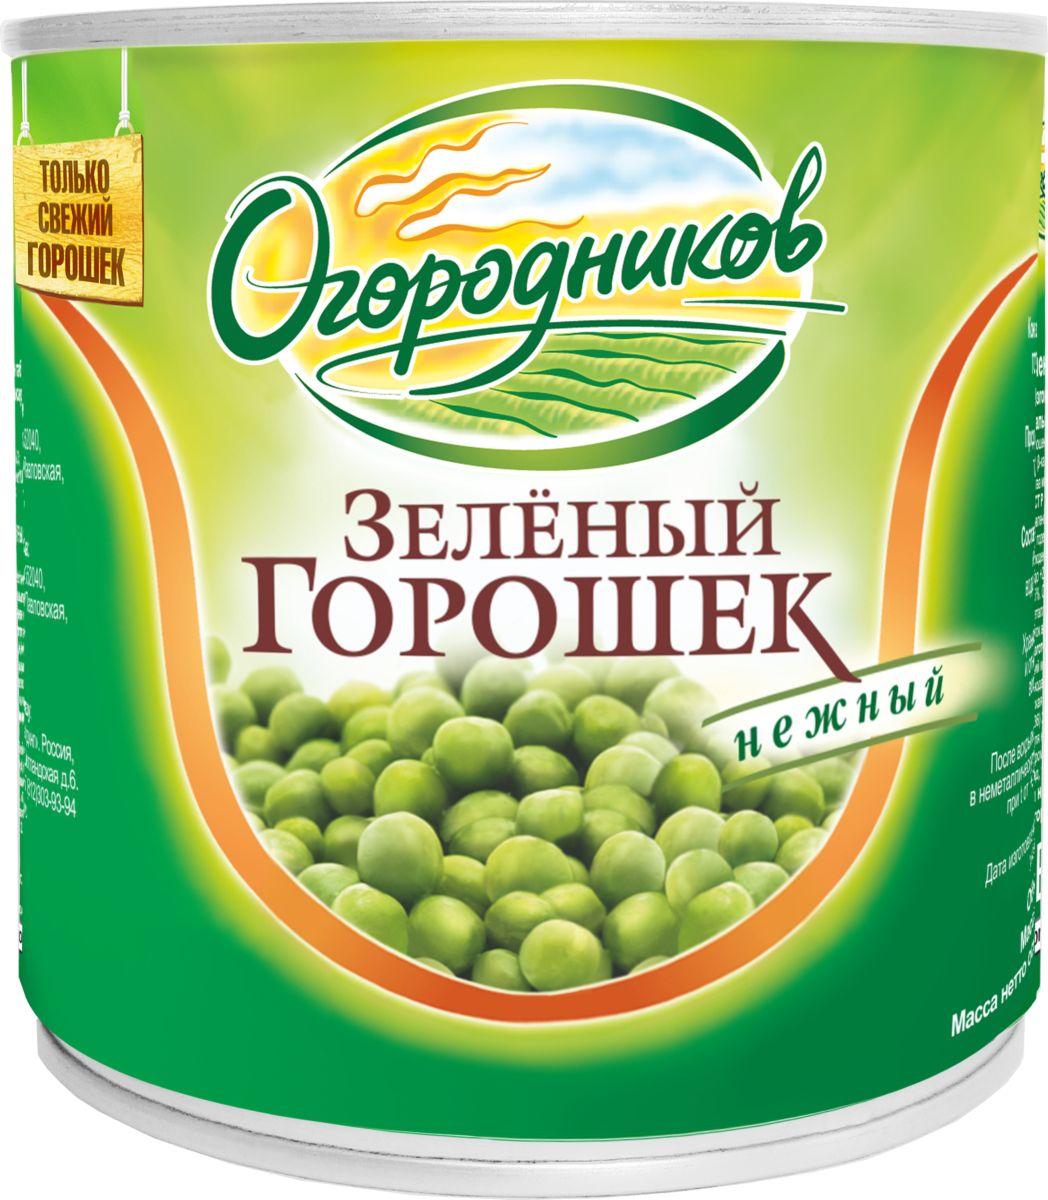 Огородников Зеленый горошек, 400 г дядя ваня горошек зеленый консервированный 400 г